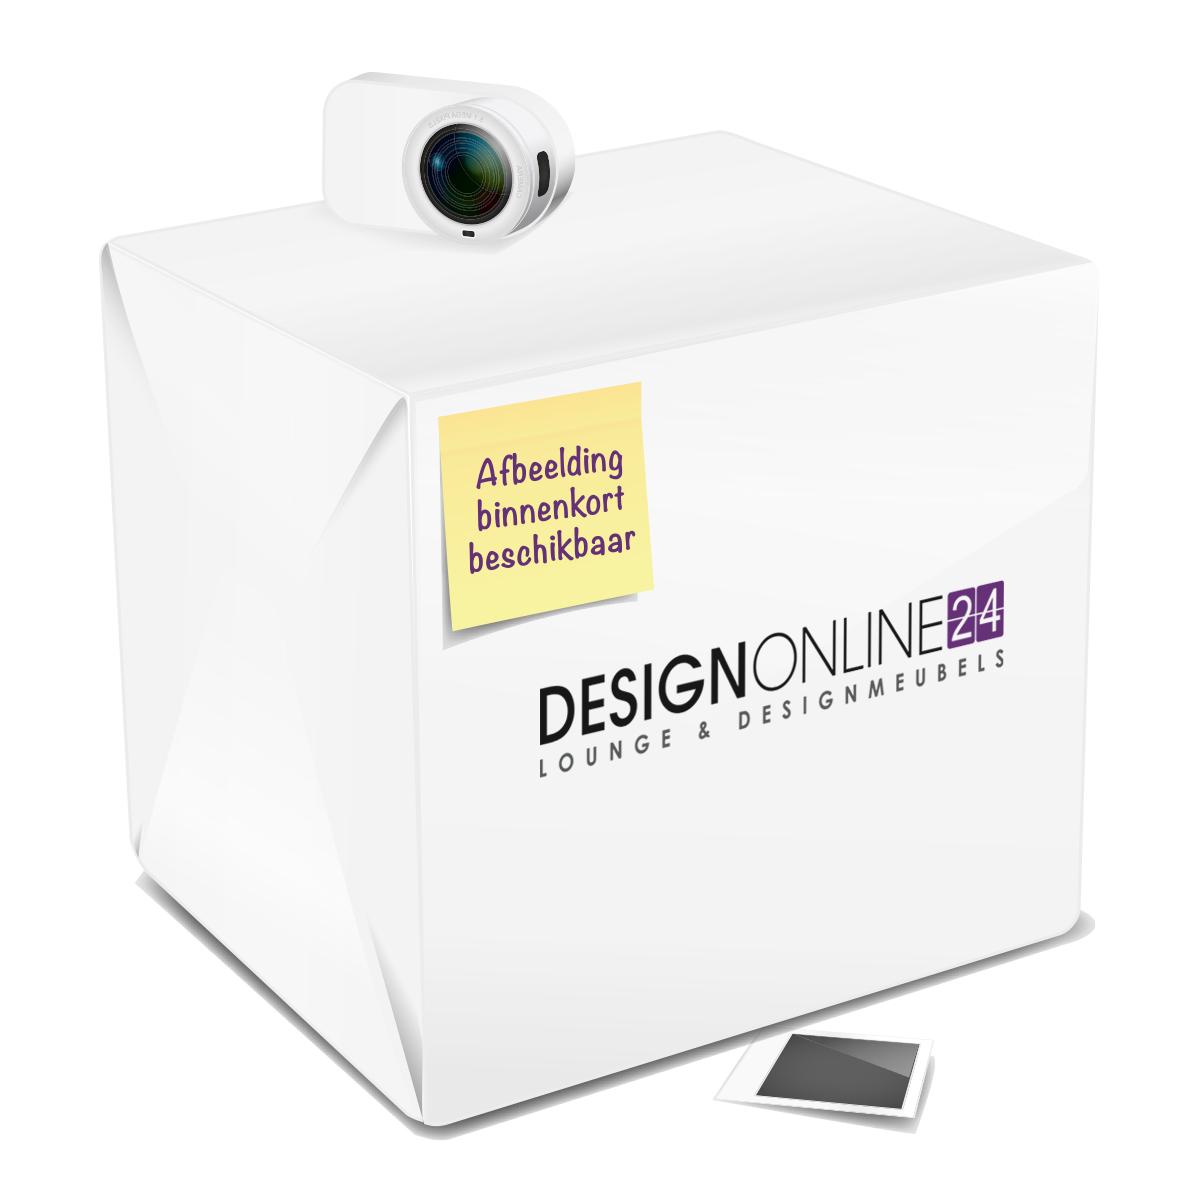 24Designs Loungeset voor 4 Personen - Marina - Zandkleur Polyrattan Wicker met Crème witte kussens